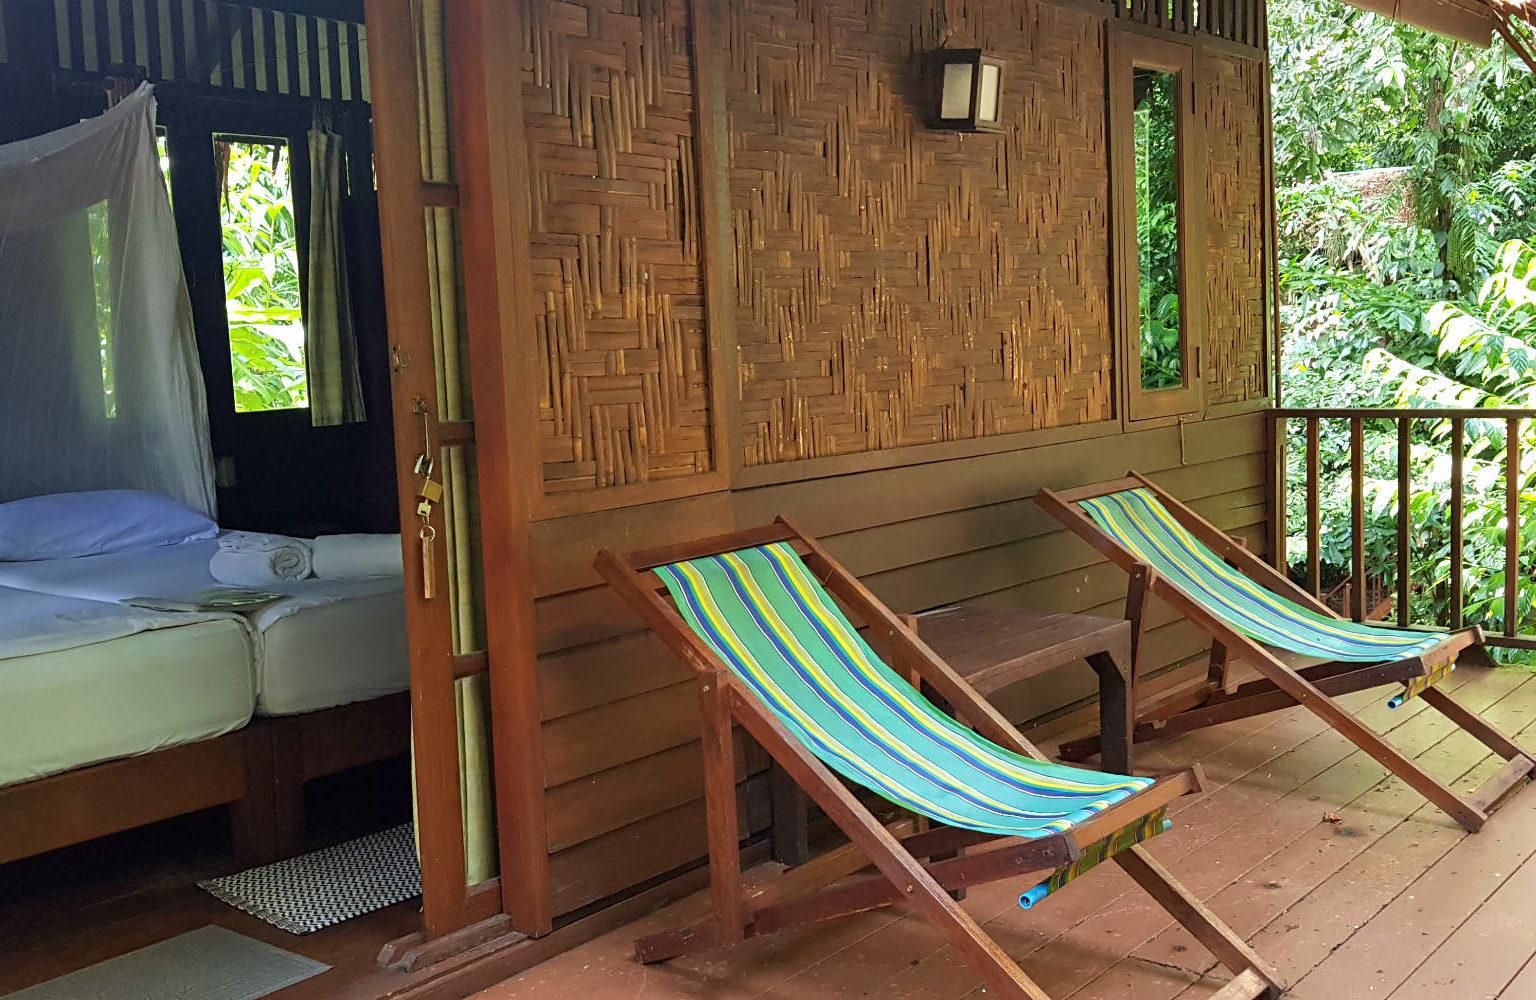 Slapen in een boomhut, balkon met twee stoelen op het balkon